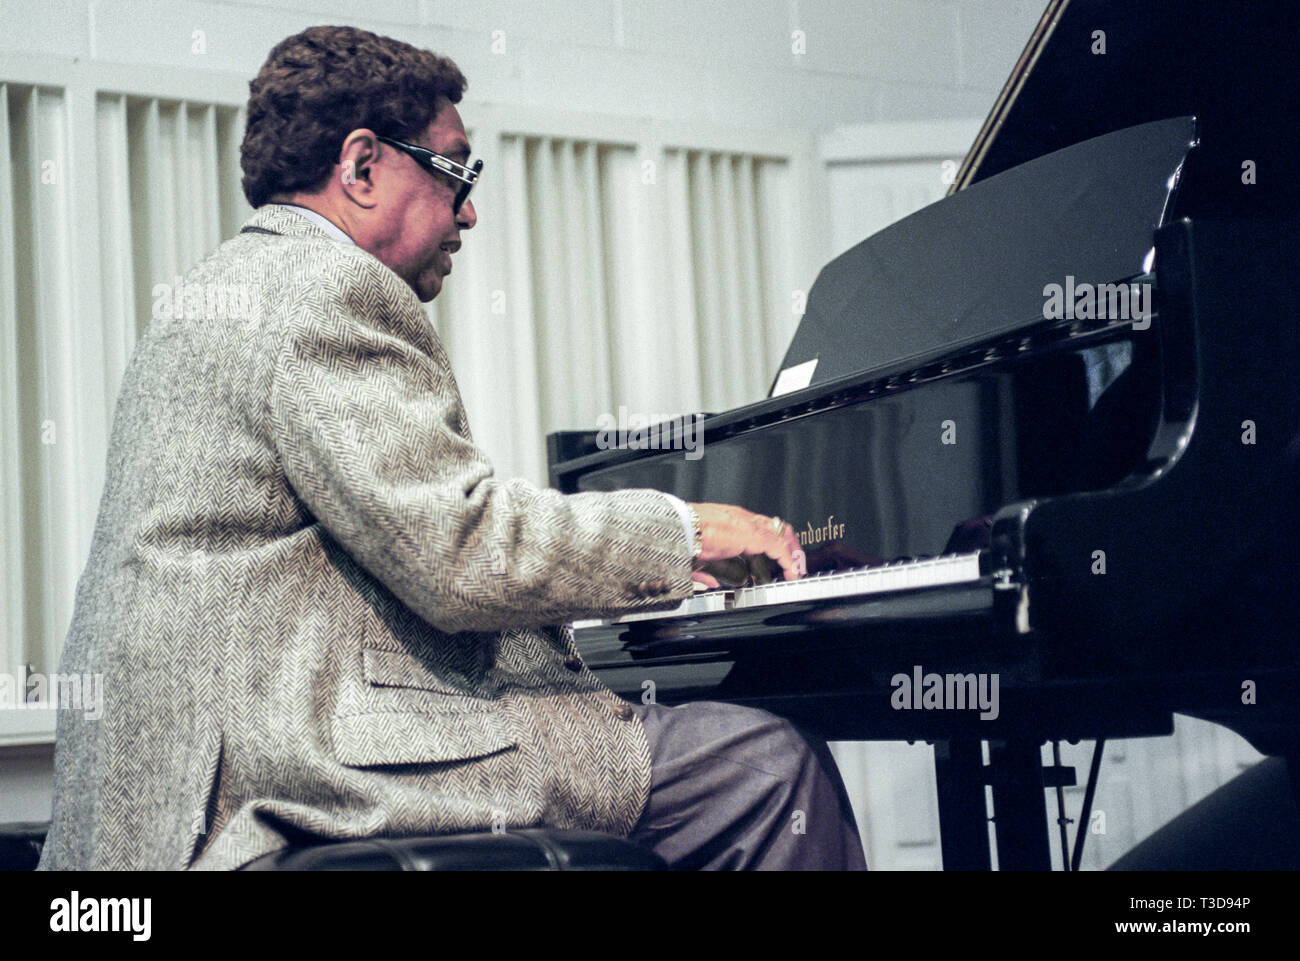 Pianiste de Jazz Billy Taylor enseigne un cours de musique et joue du piano. Banque D'Images